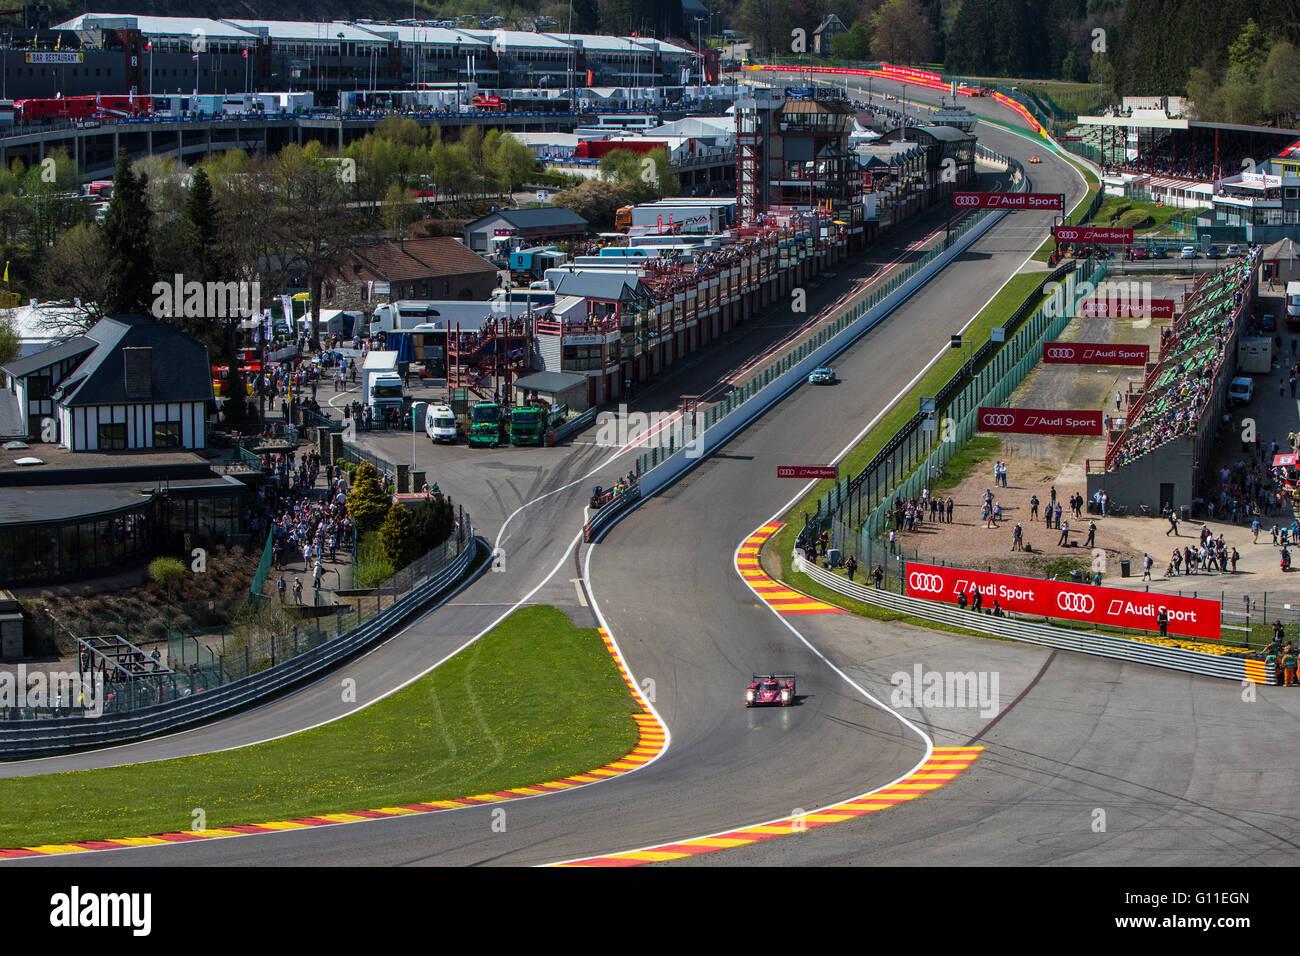 Circuito De Spa Francorchamps : El circuito de spa francorchamps bélgica. 07 mayo 2016